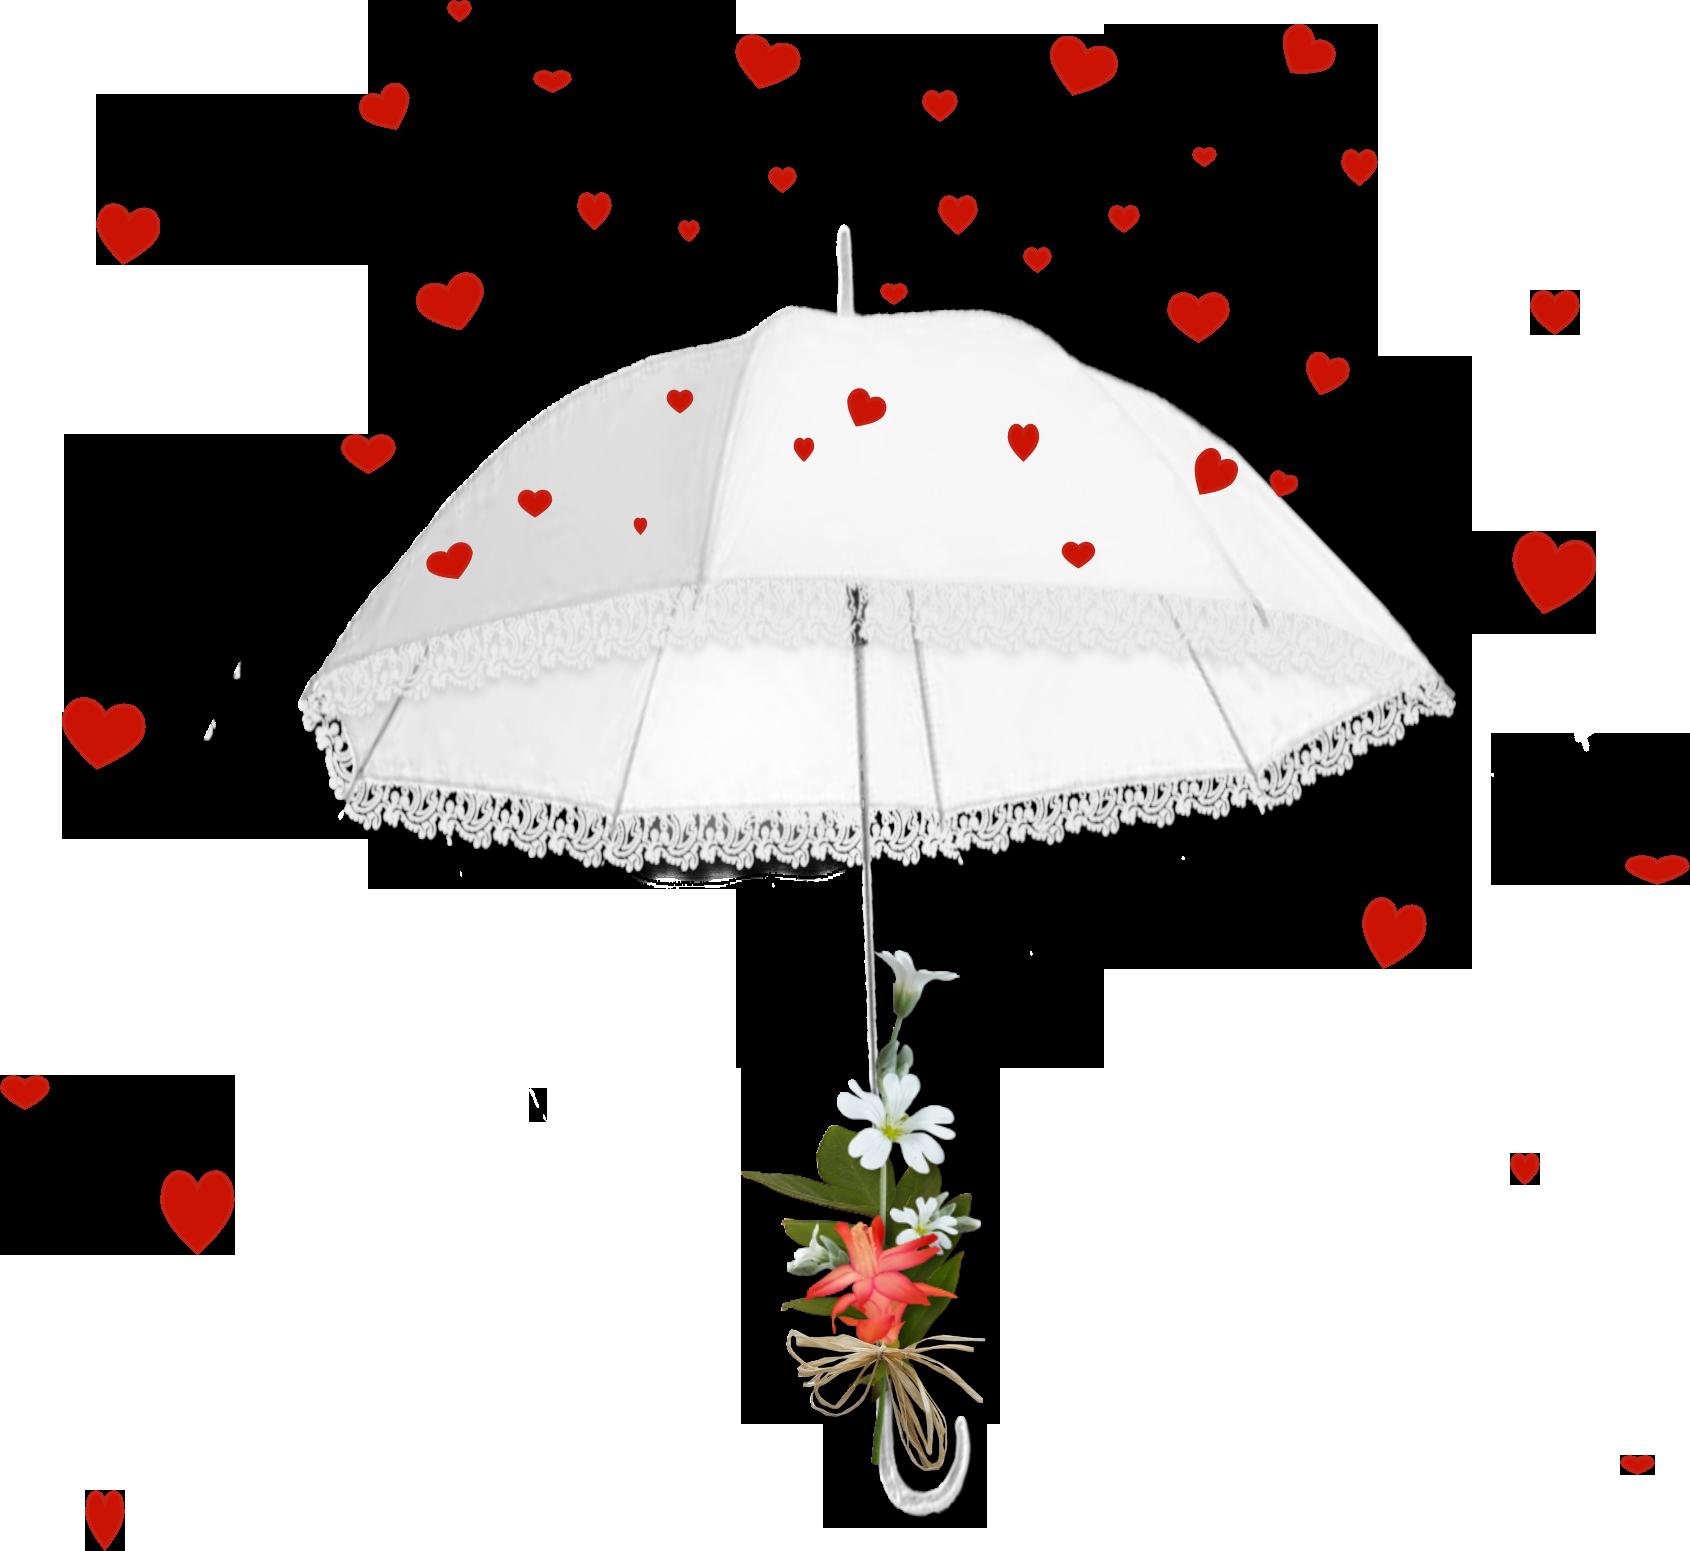 б?йр?ме ??р картинки с зонтами анимация шарапова очень